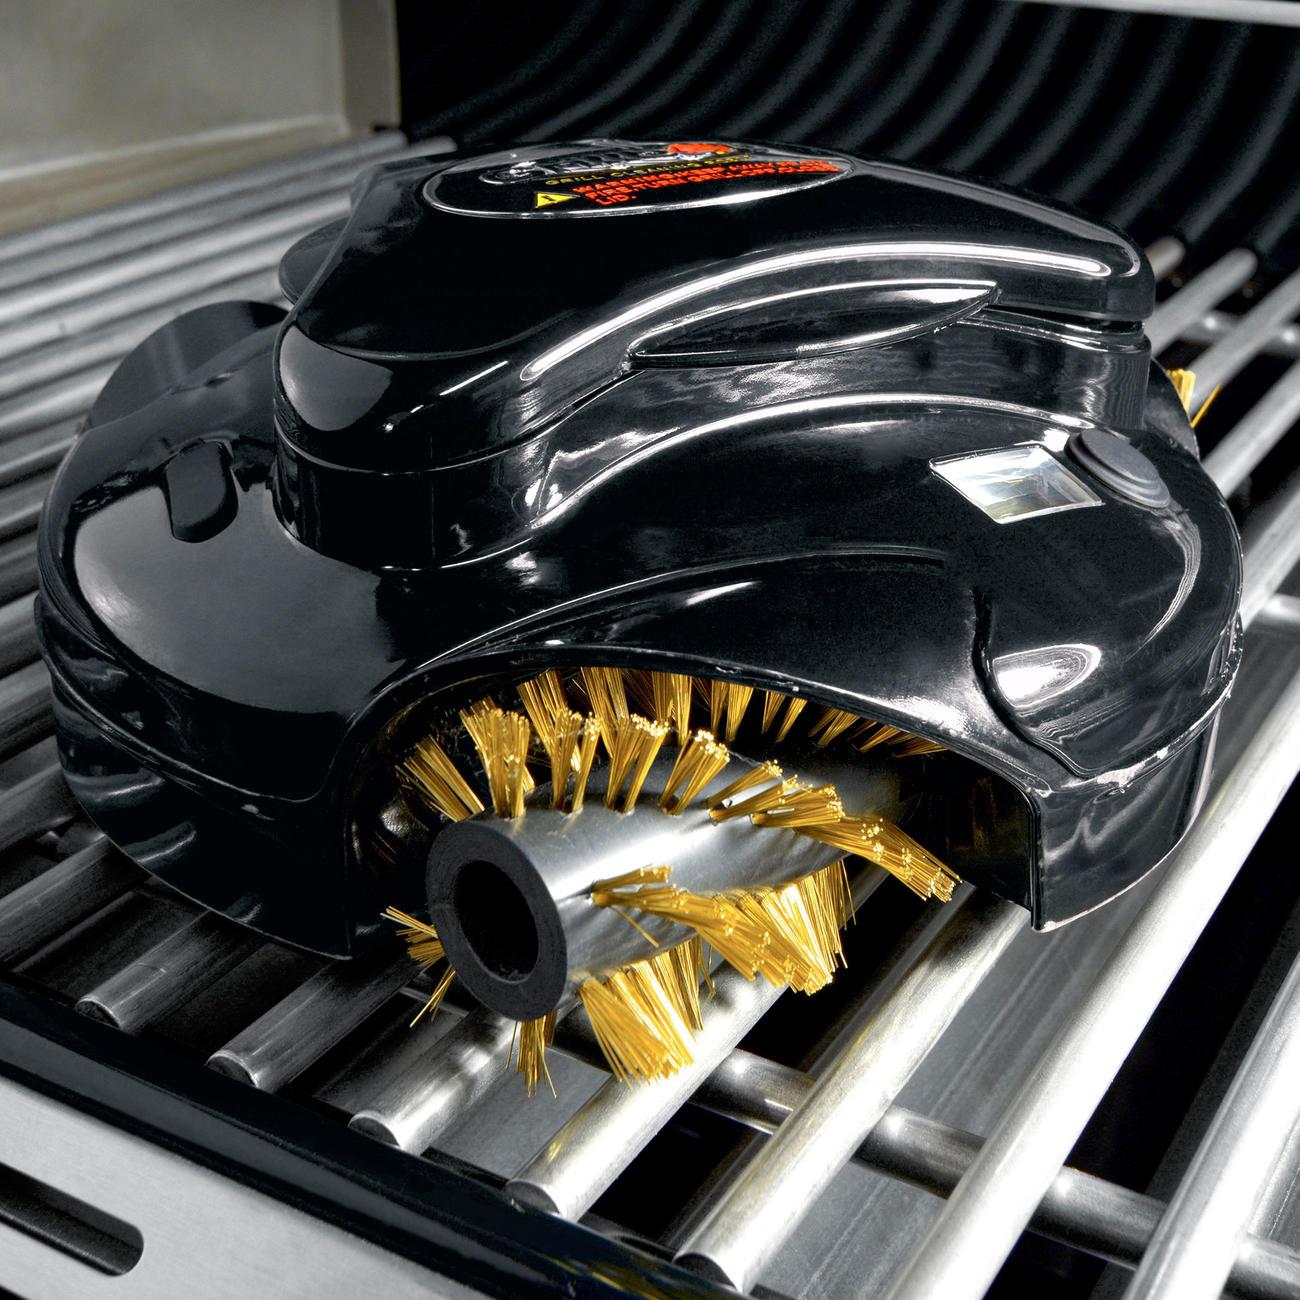 grillbot automatischer grillreiniger online kaufen. Black Bedroom Furniture Sets. Home Design Ideas